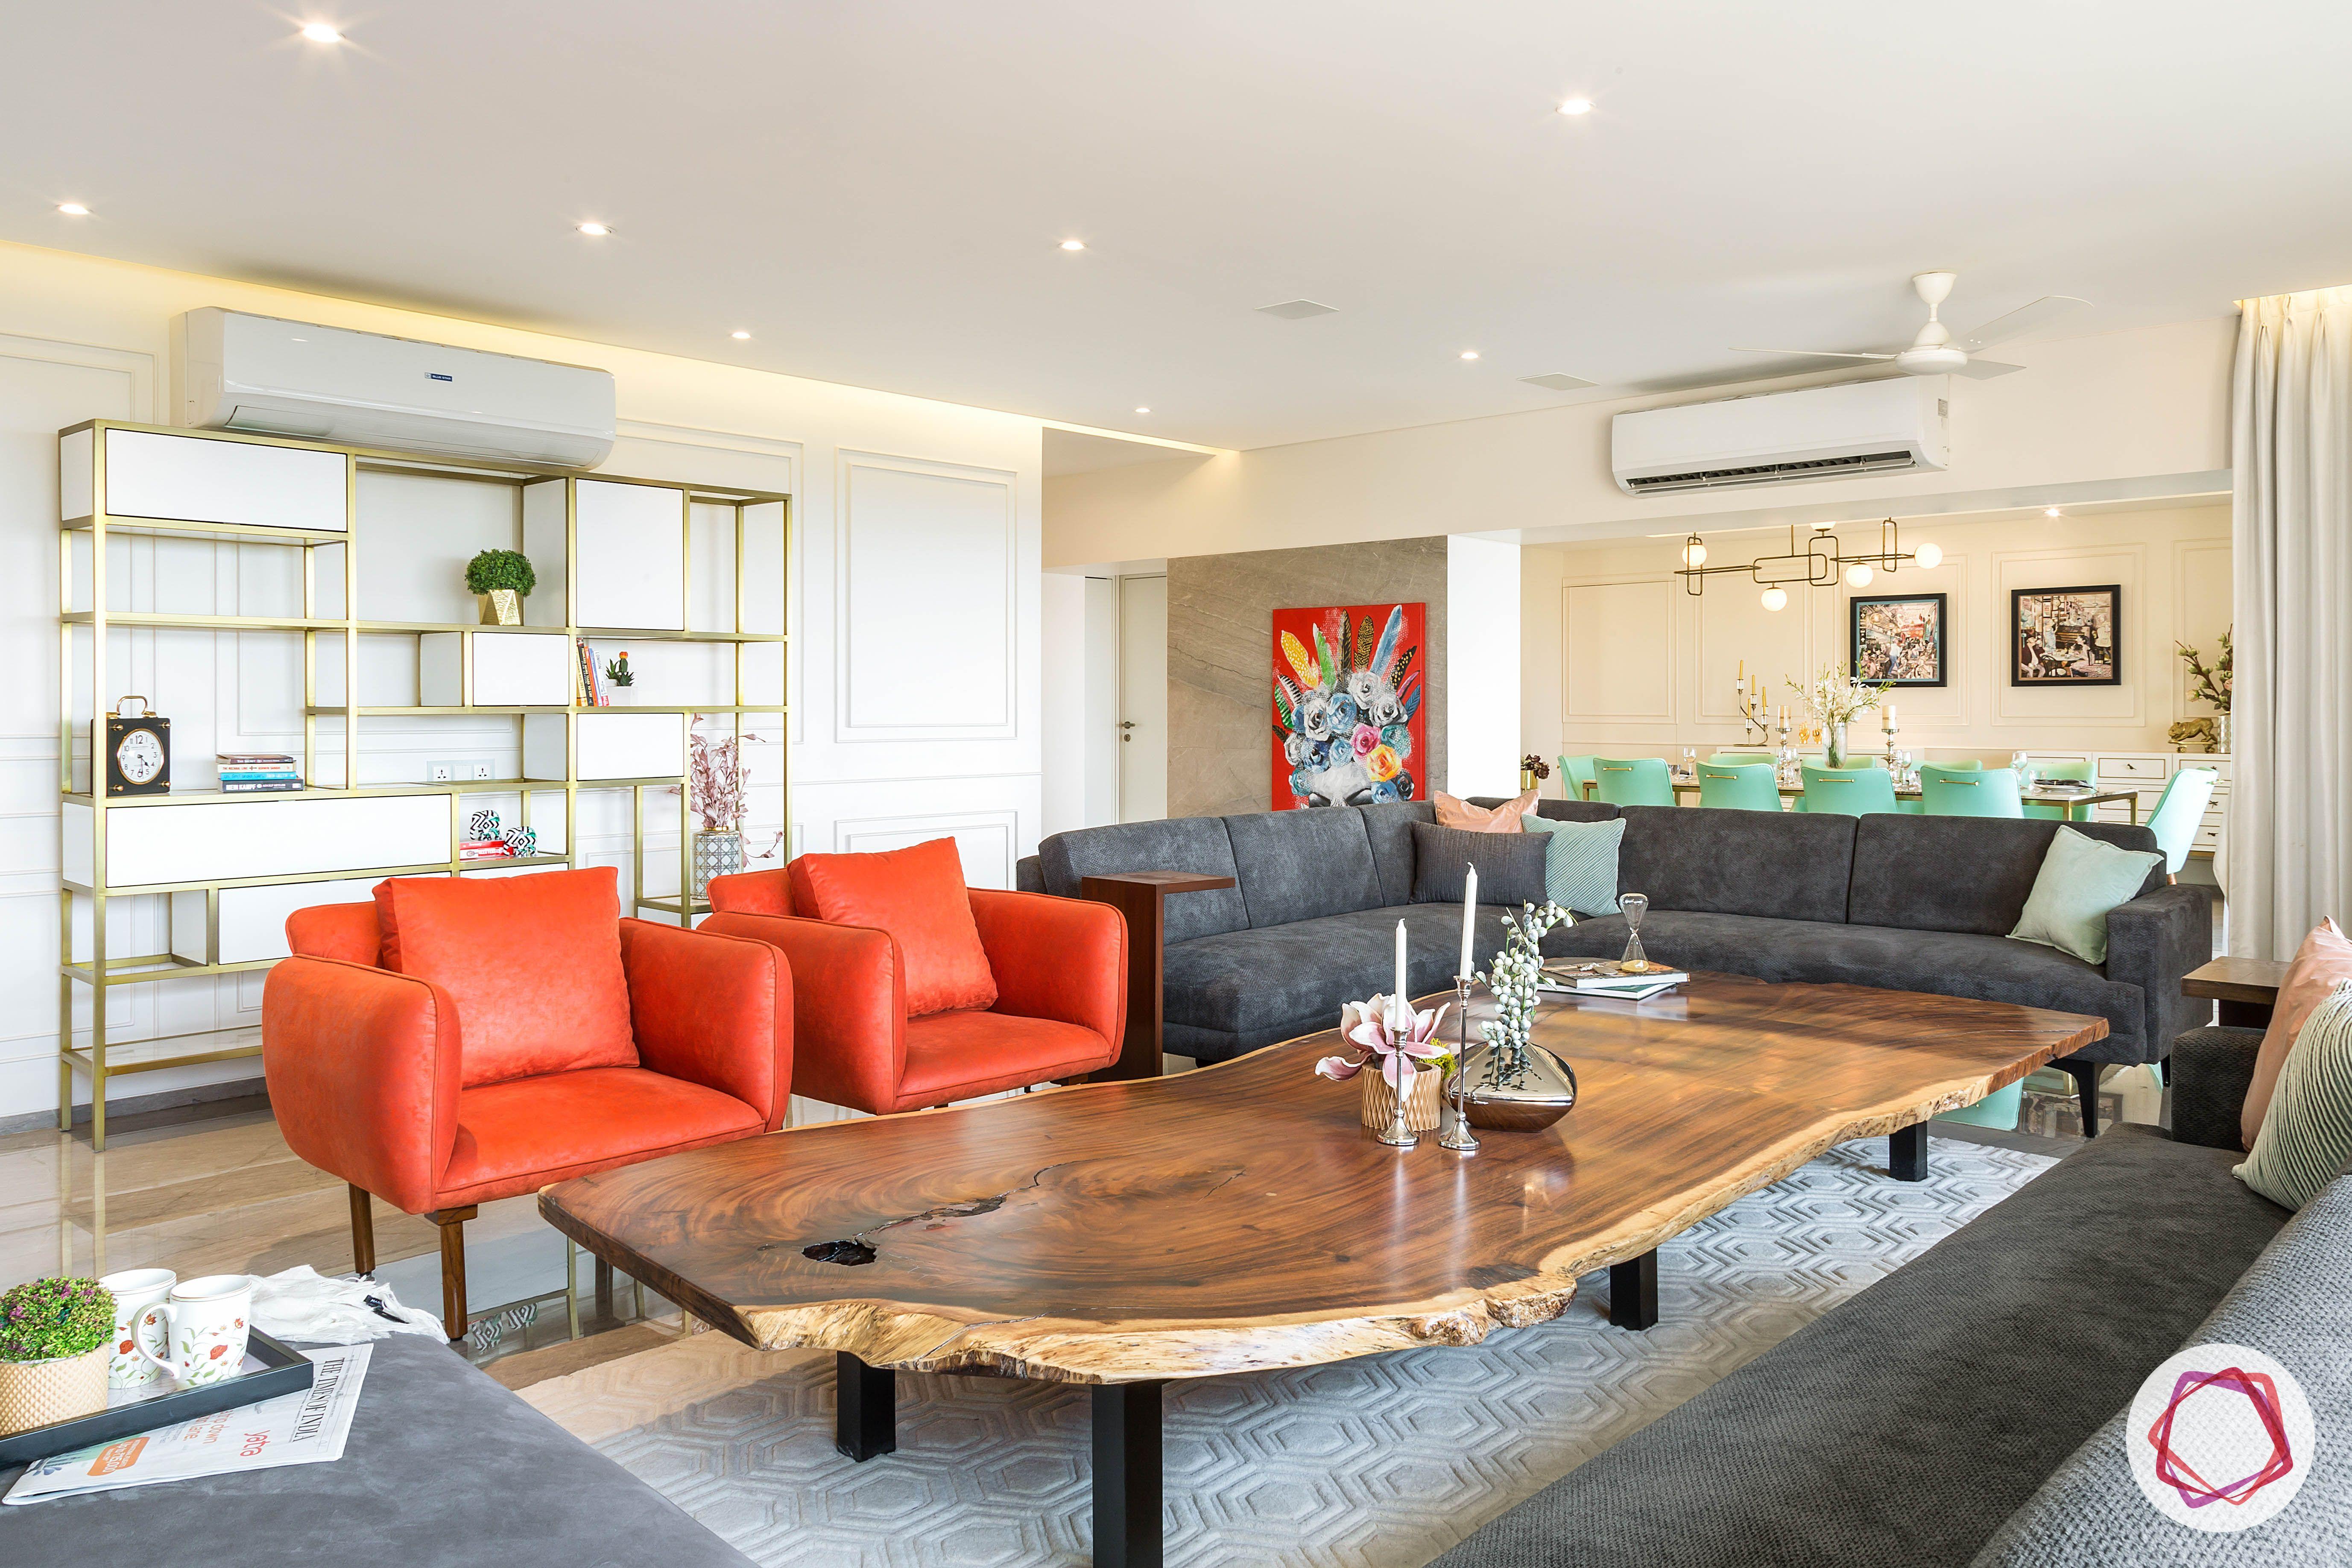 condo-interior-design-orange-armchair-designs-grey-sofa-designs